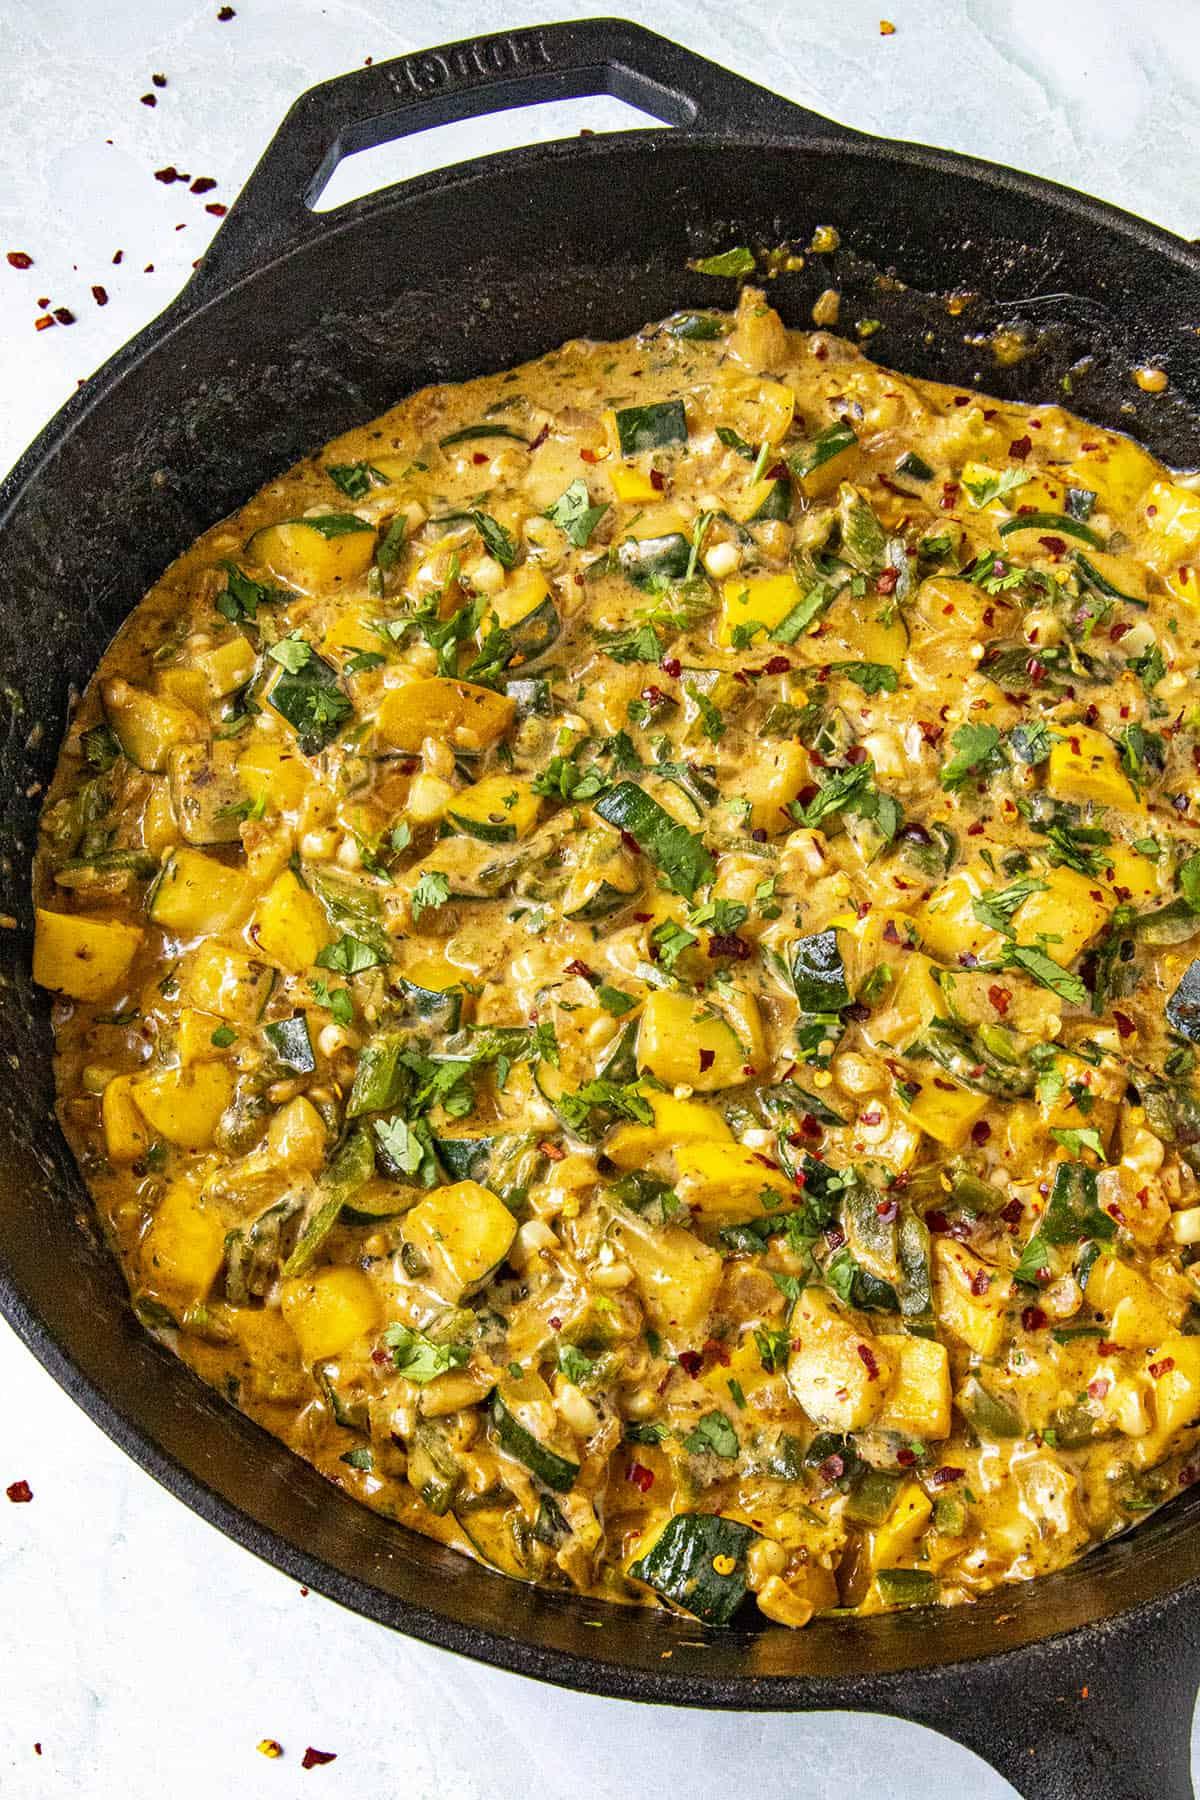 Hot Calabacitas in a pan, ready to serve